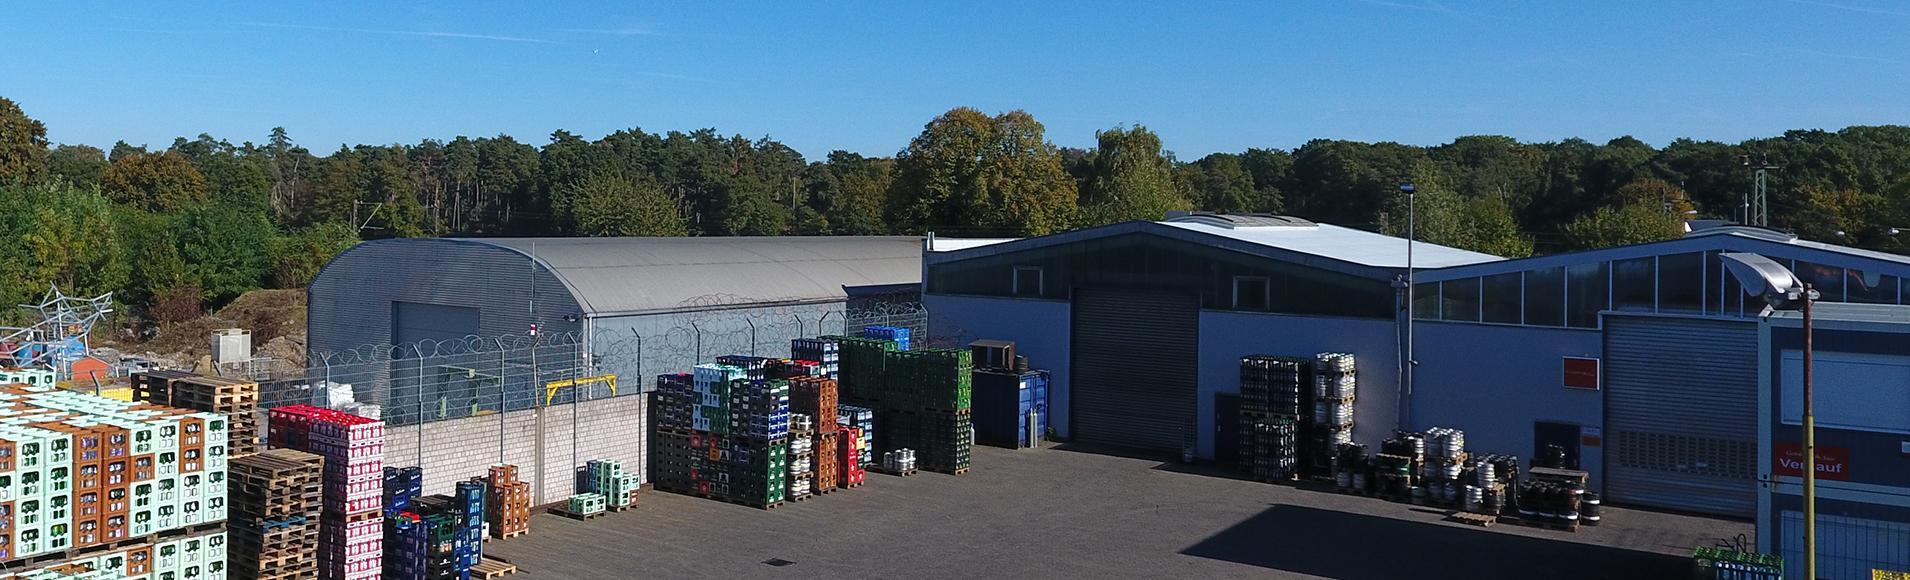 Getränke Neubert - Getränke Partner für Heim & Büro, Veranstaltungen ...